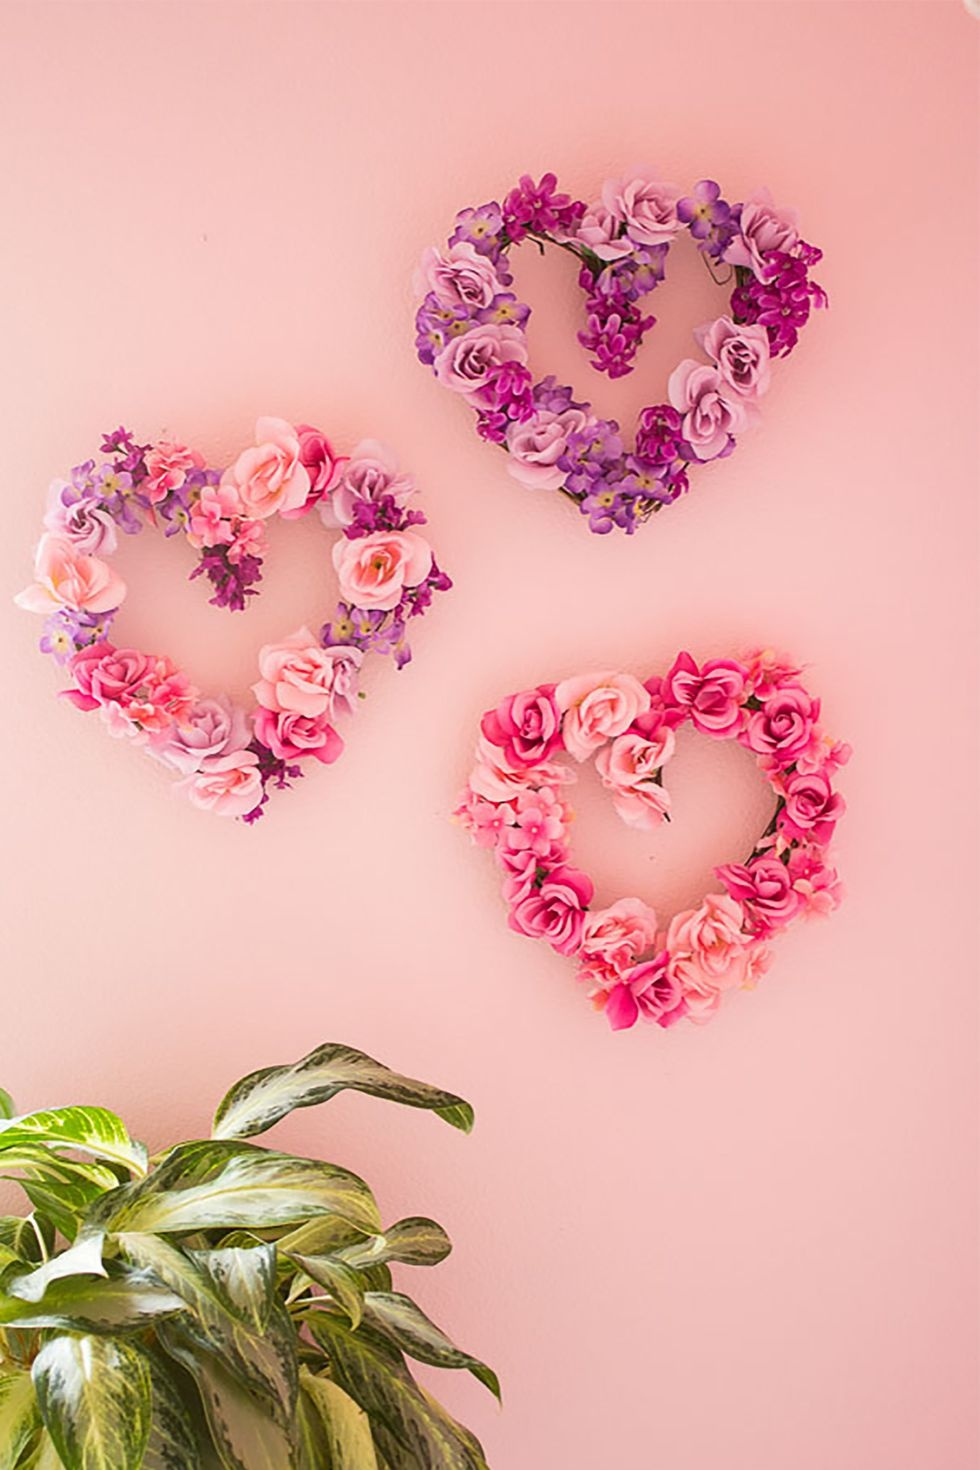 1510951964-heart-art-8